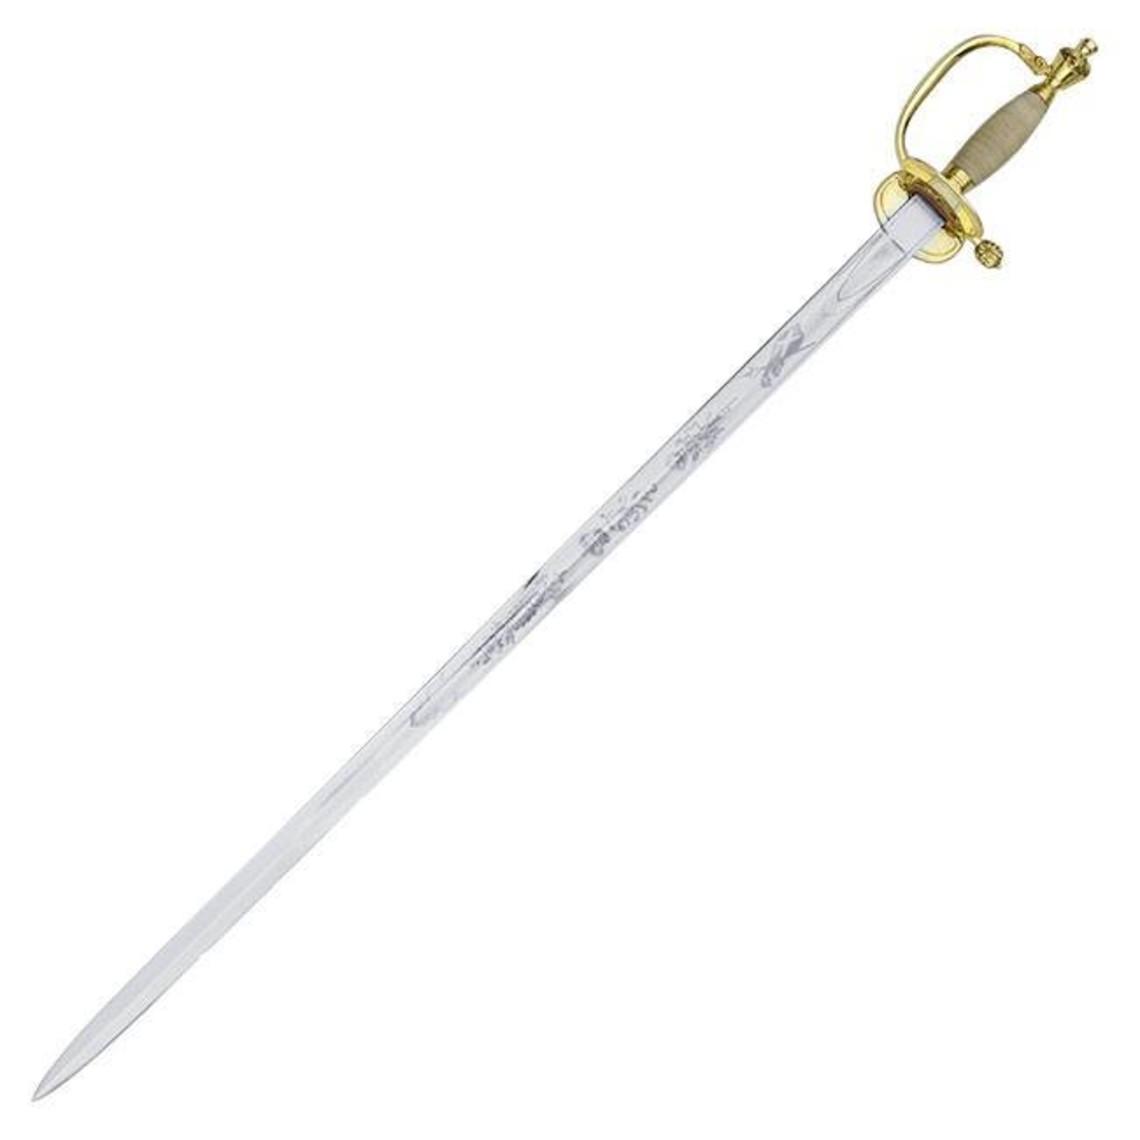 Universal Swords sable de oficial británico 1796